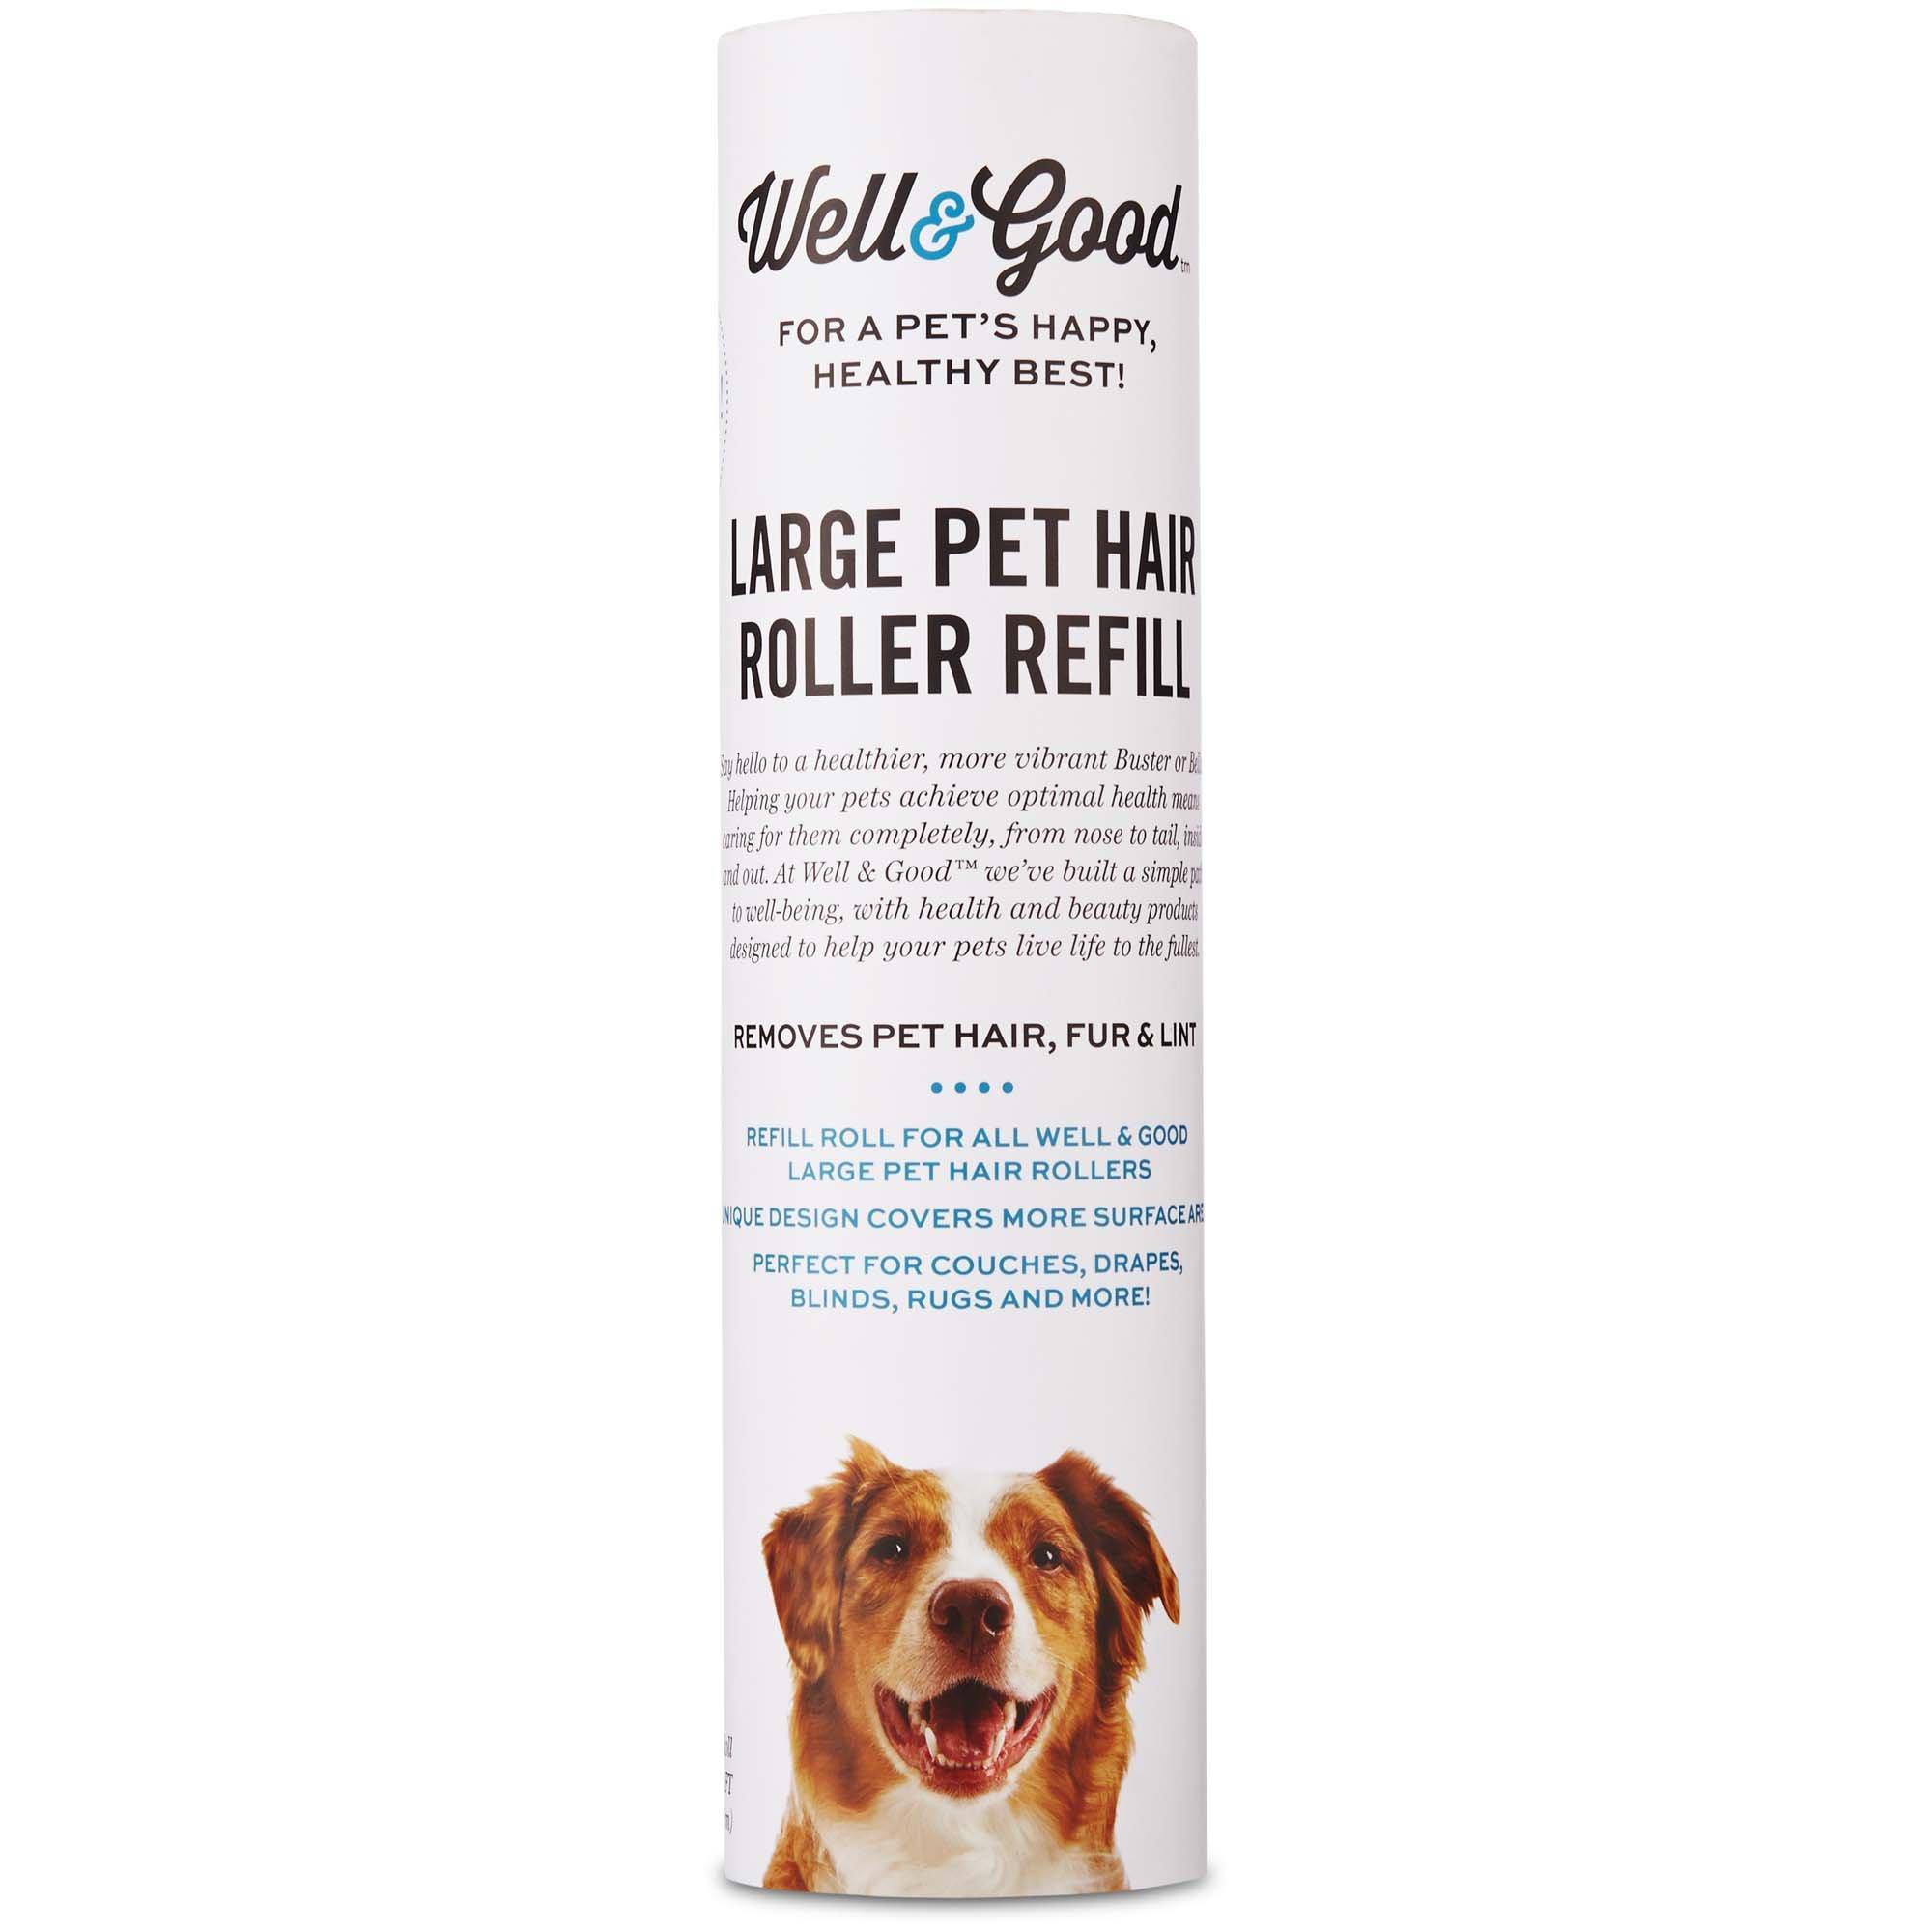 Well & Good Pet Hair Roller Refill, 50CT